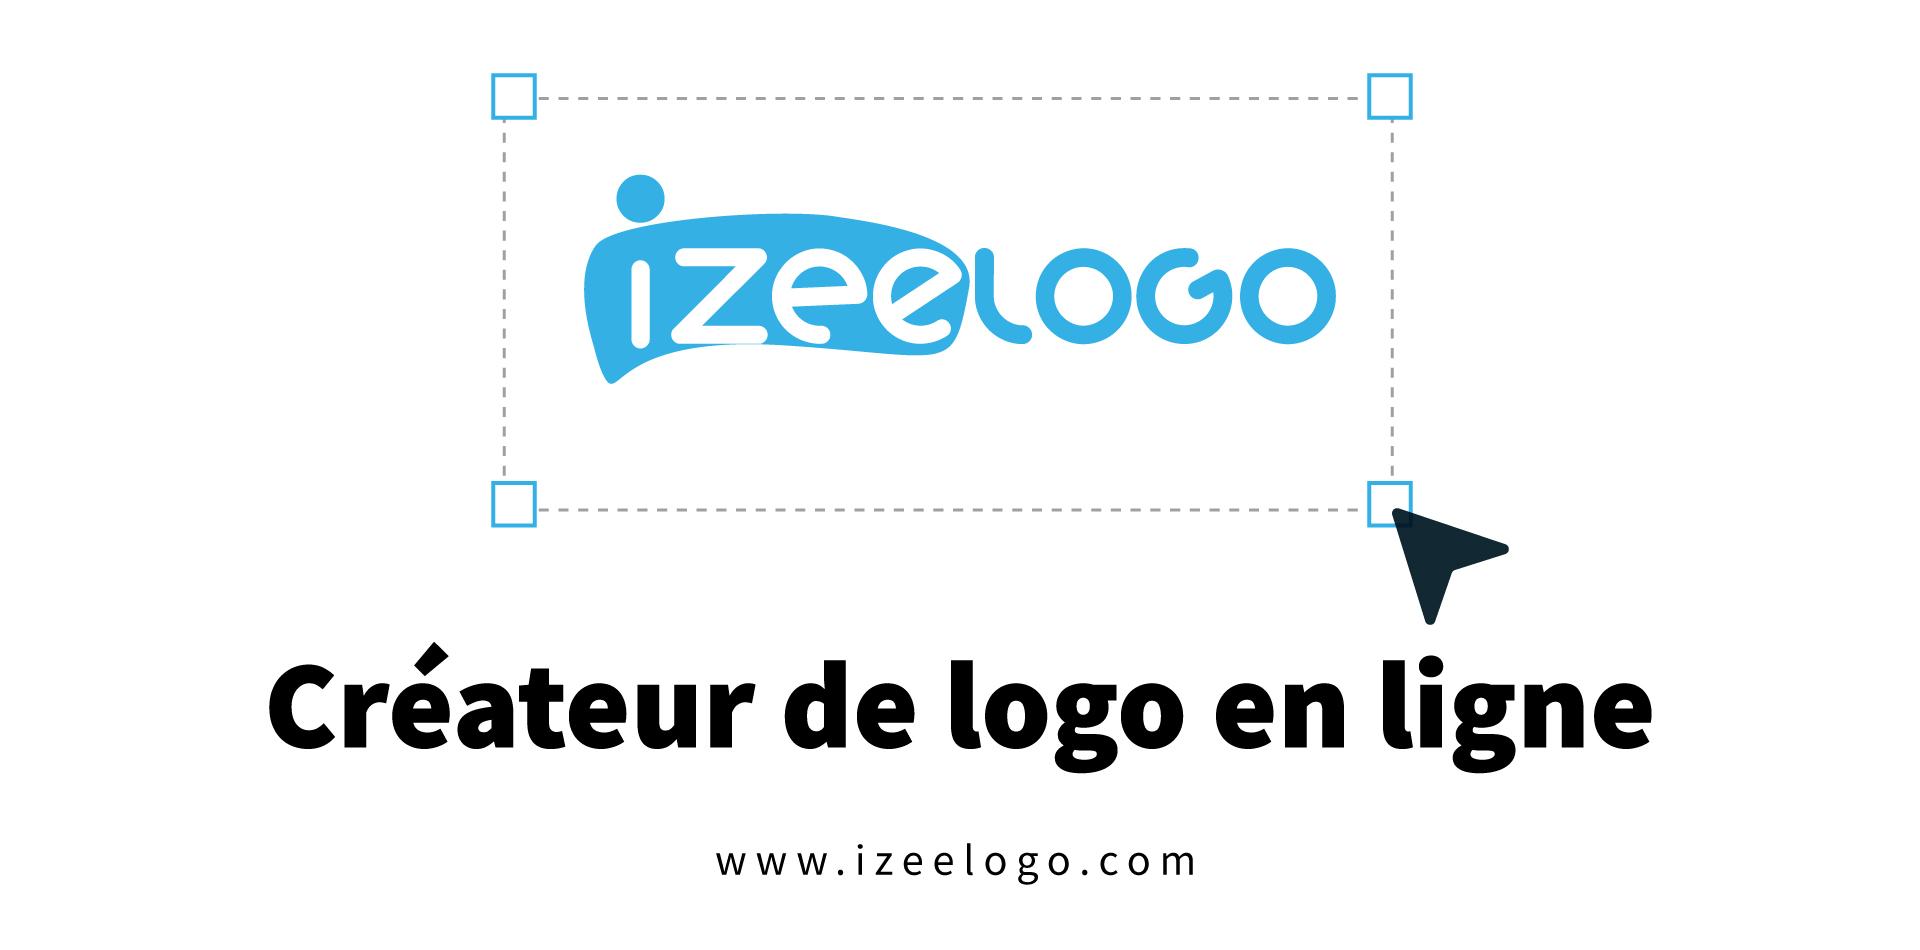 Logo professionnel : créez votre logo design gratuitement avec Logo Creator d'Izeelogo.